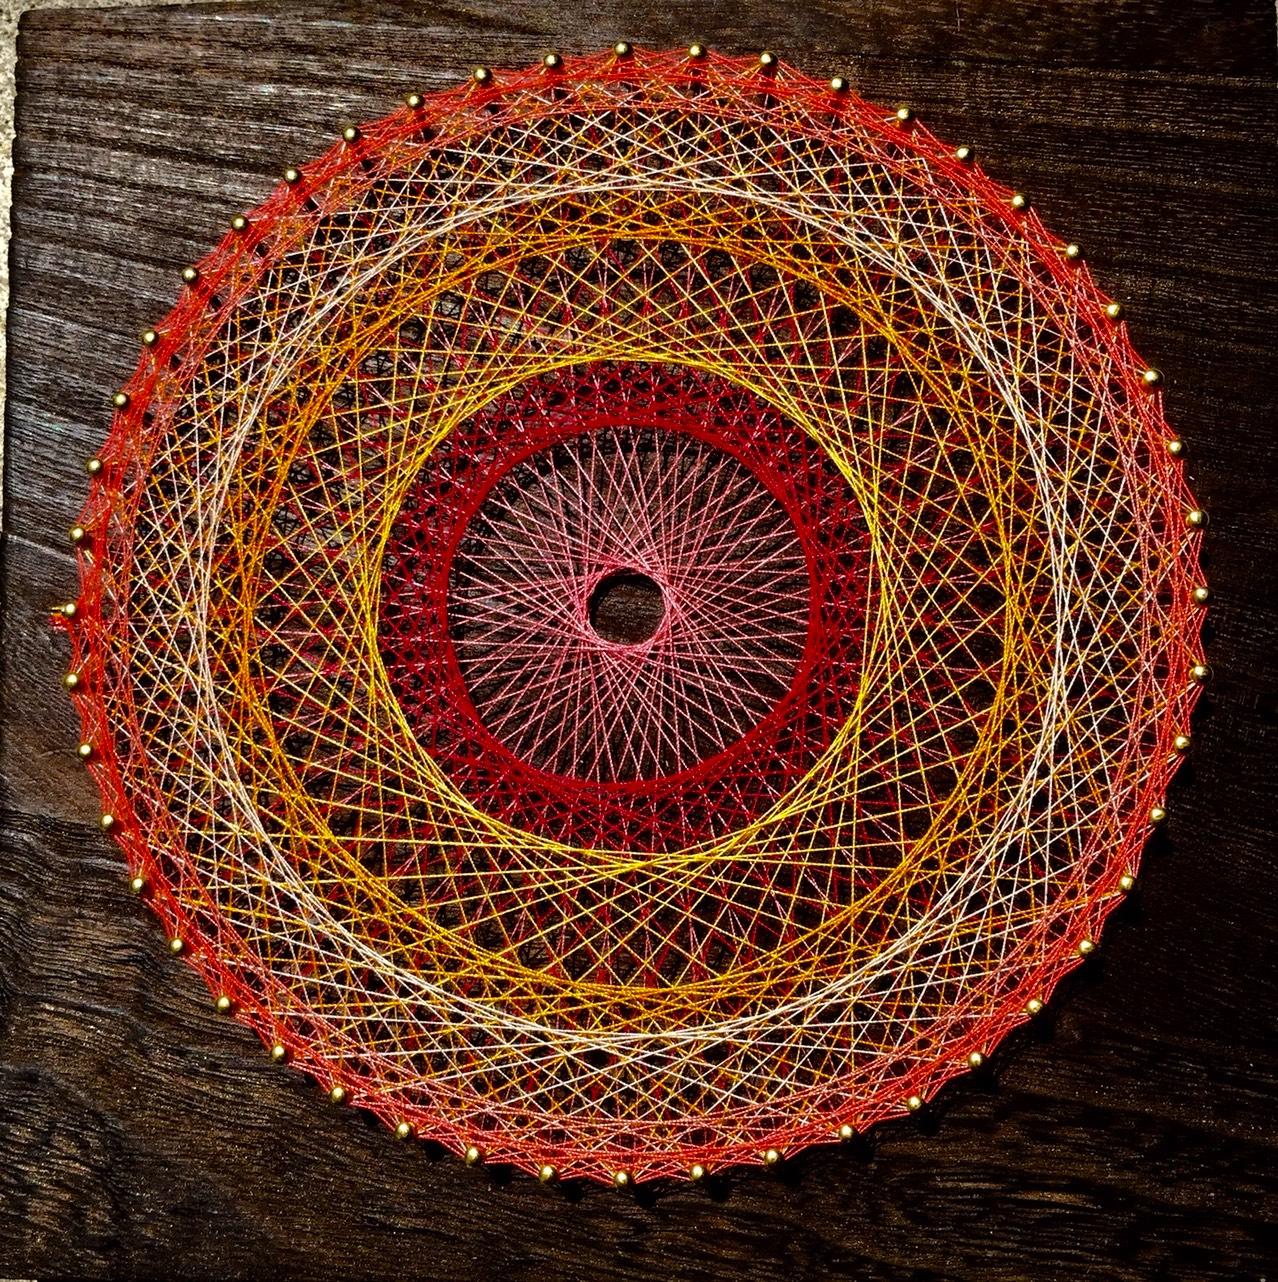 「糸かけ曼荼羅」のワークショップを開催いたします。